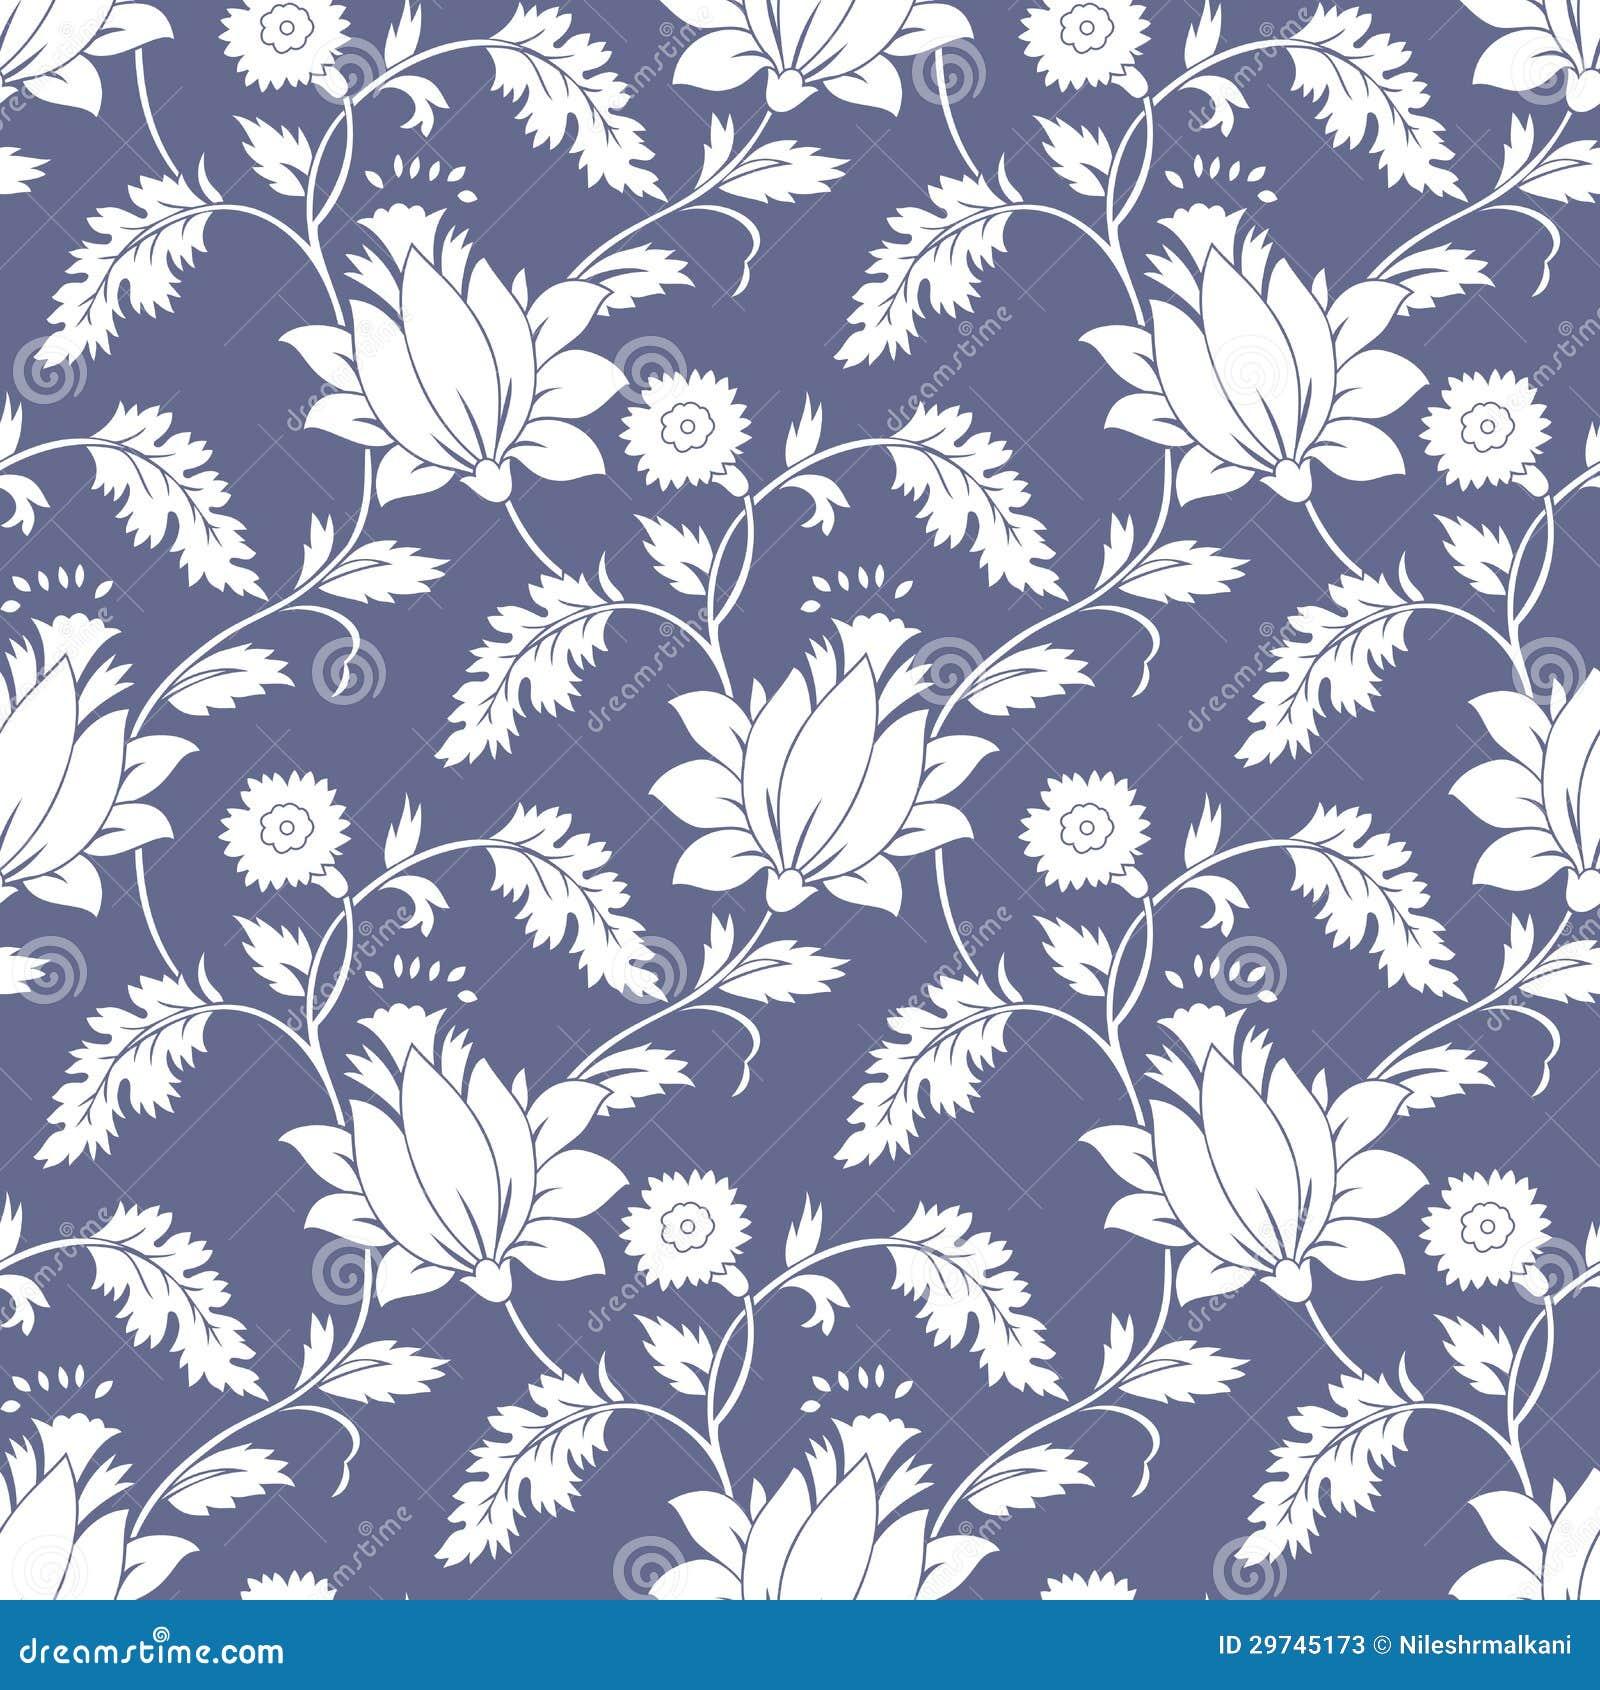 无缝的花梢莲花背景墙纸